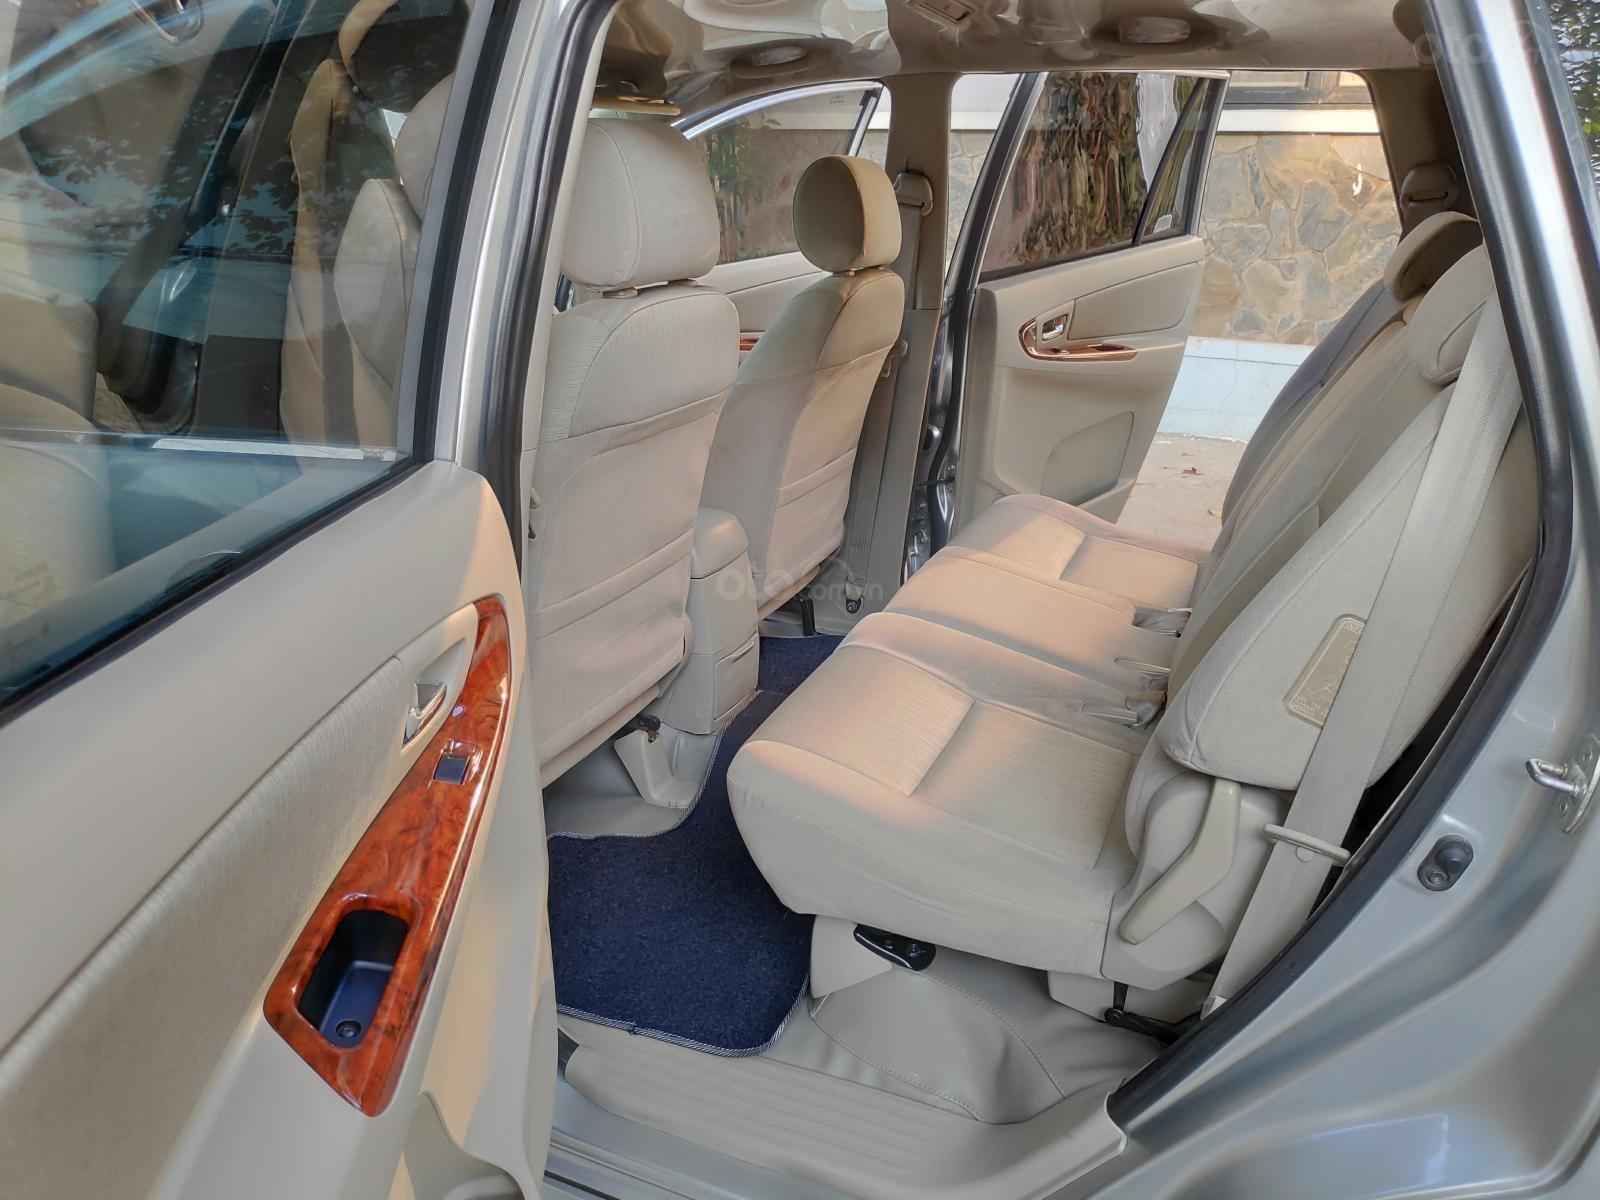 Bán Toyota Innova 2.0E 2015, tôi đứng tên chính chủ, màu bạc, số sàn, 52.000 km-5